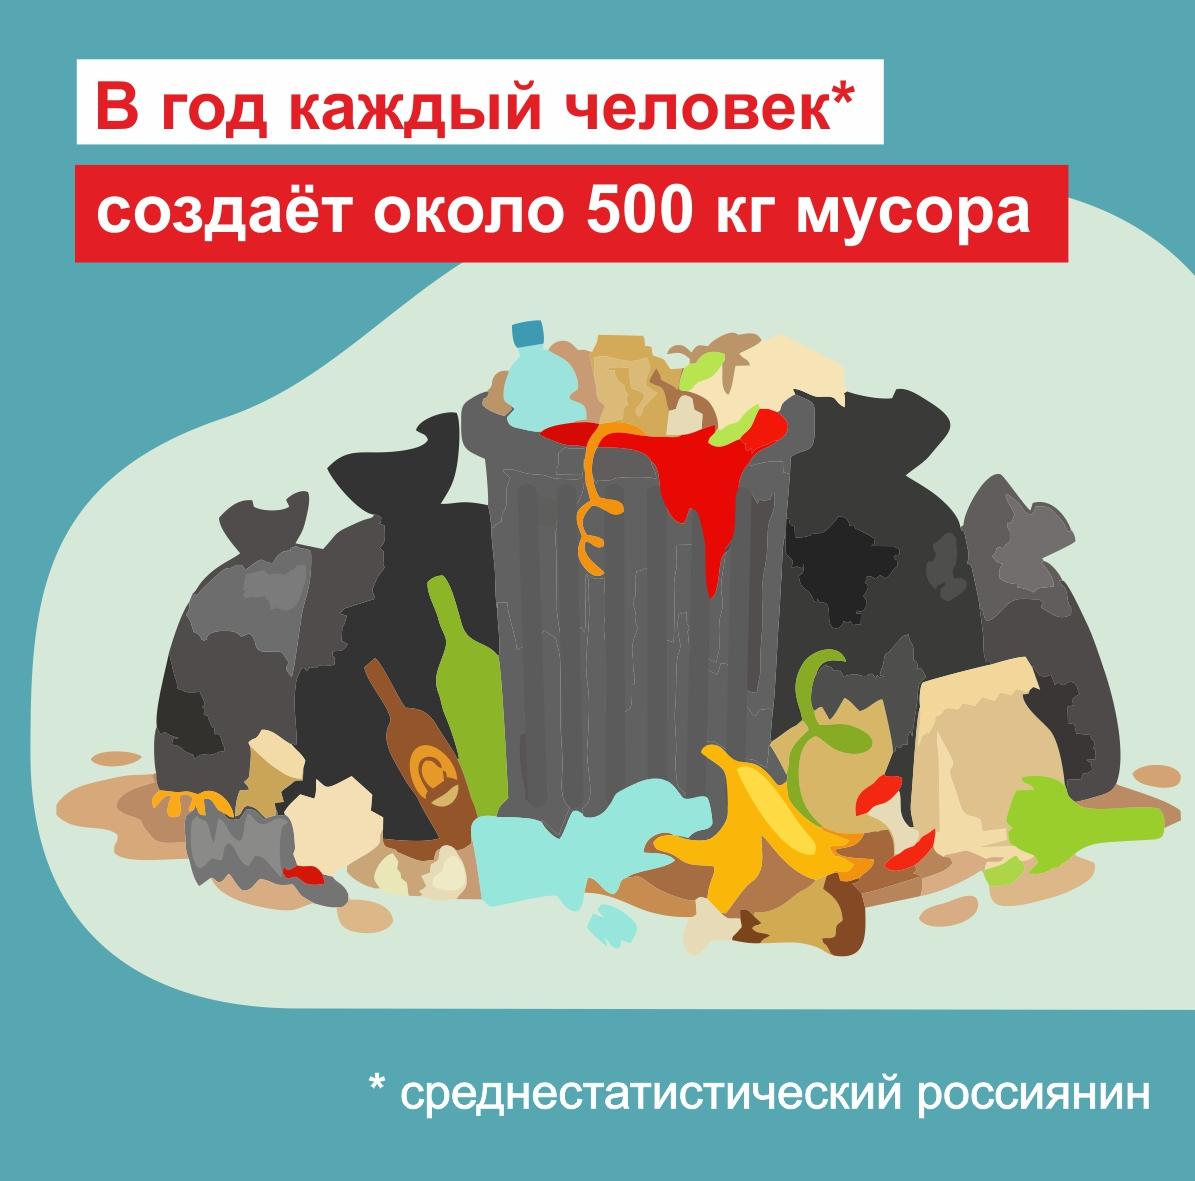 Раздельный сбор мусора – здоровье окружающей среды